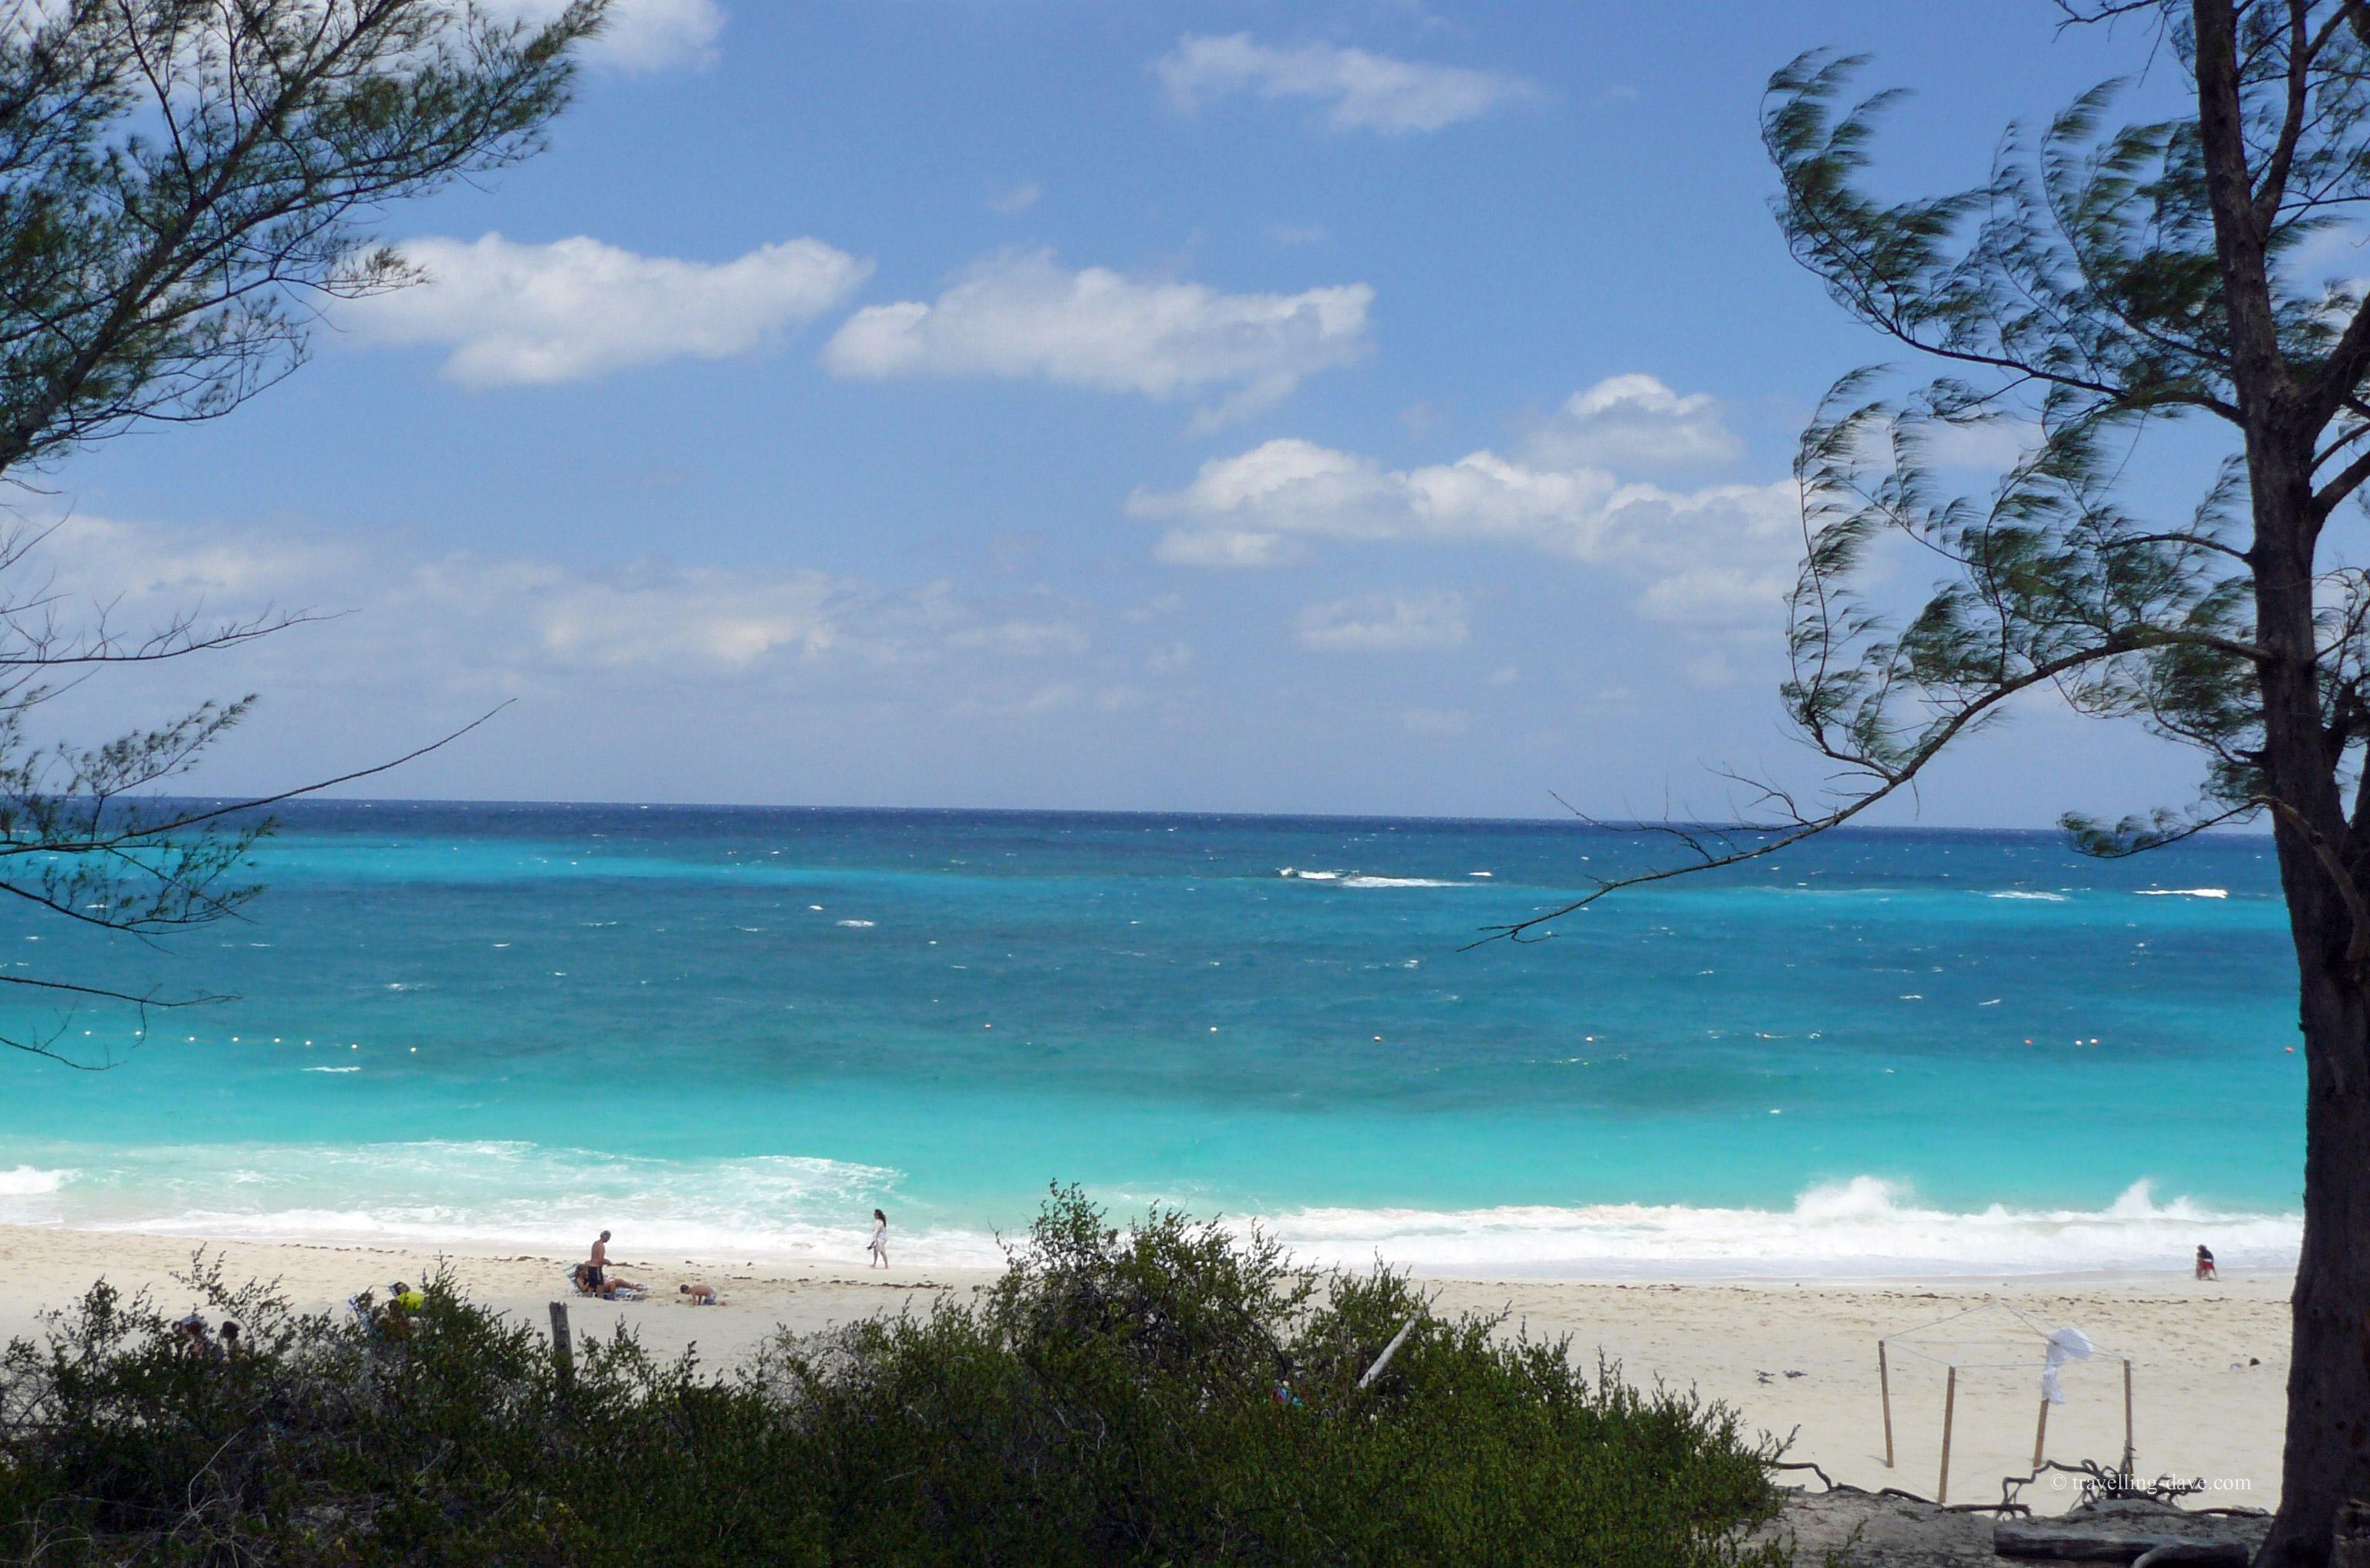 One of Nassau's beautiful beaches